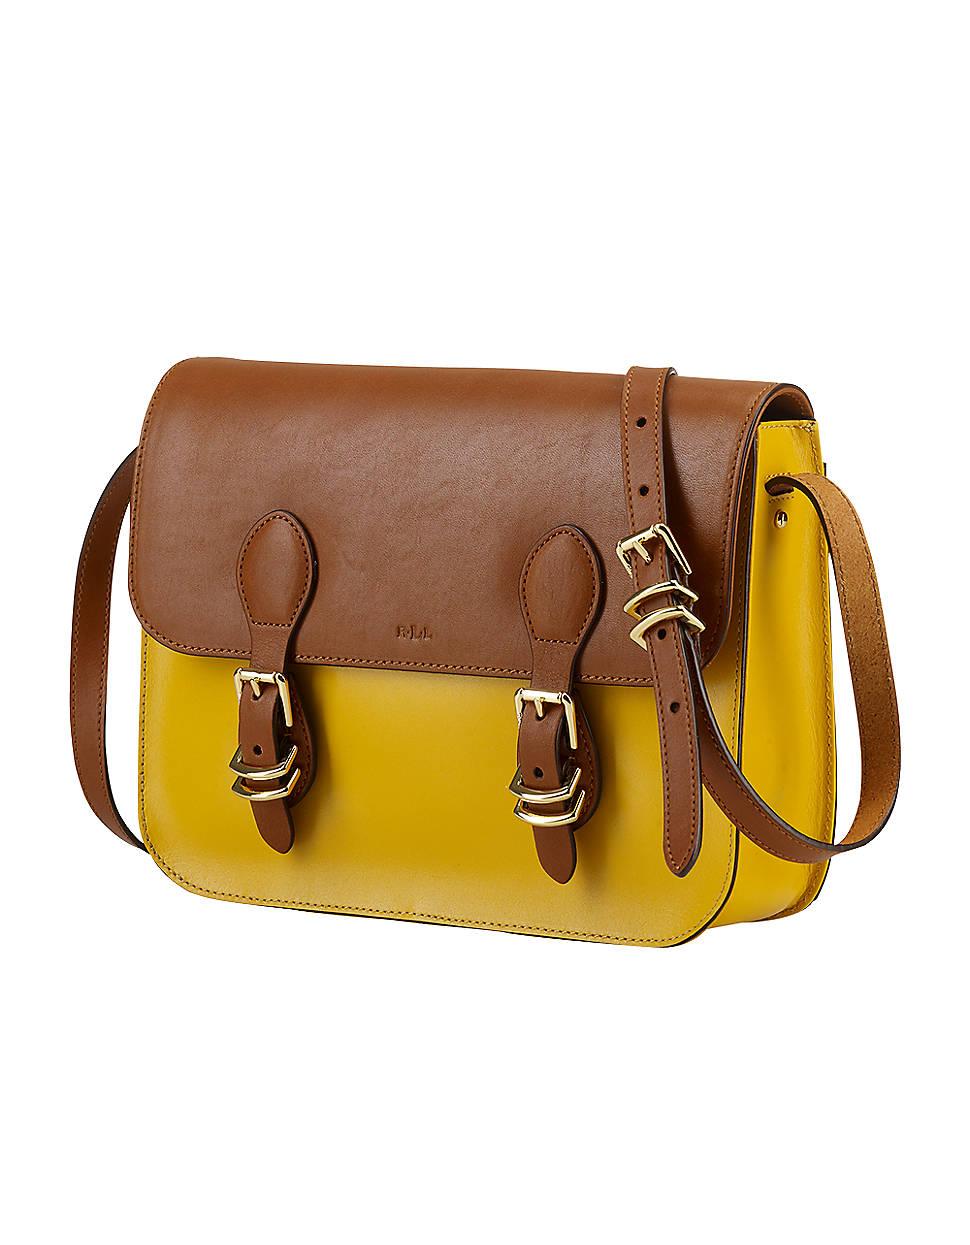 9f9682cdbc Lauren By Ralph Lauren Bexley Heath Medium Leather Messenger Bag in ...